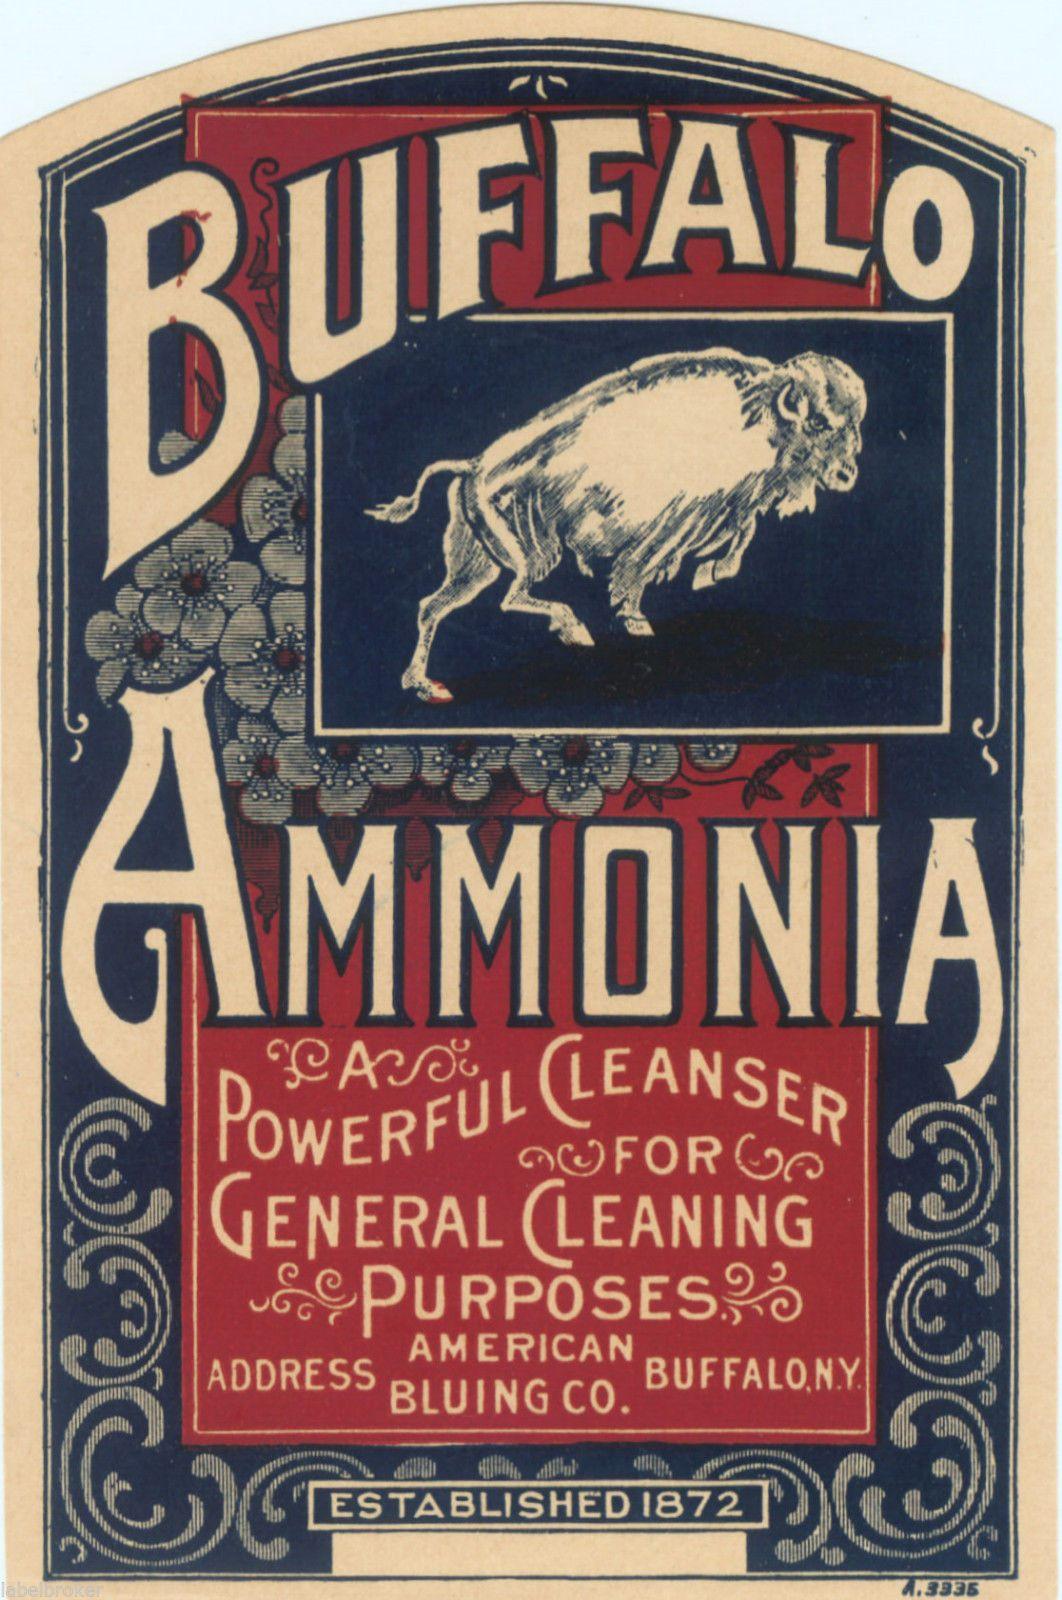 Buffalo Ny Vintage Posters